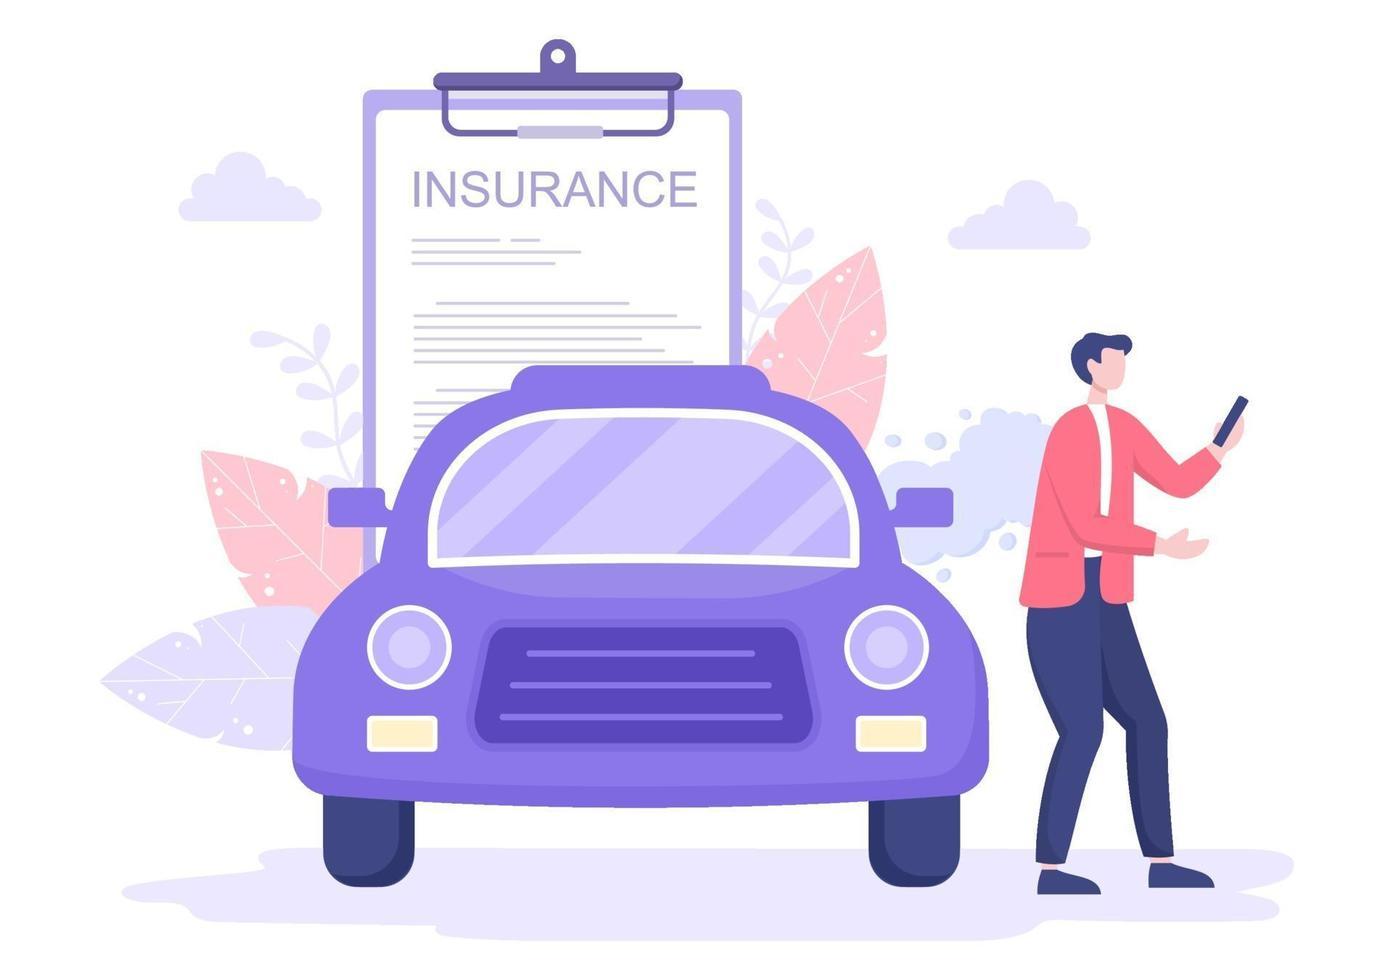 bilförsäkringskonceptet kan användas som skydd för fordonsskador och nödrisker. vektor illustration